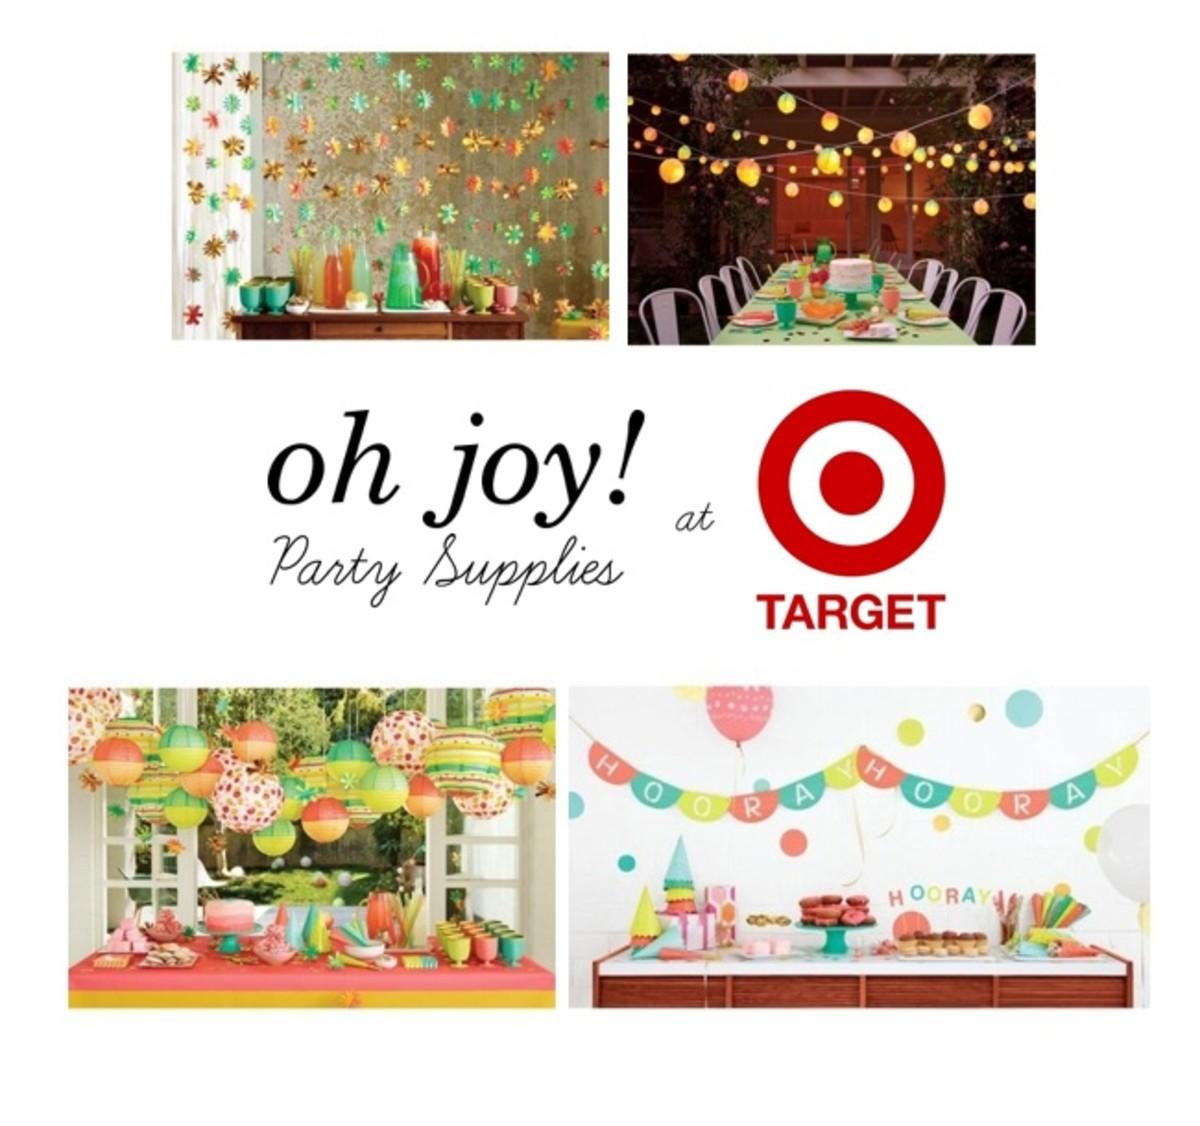 oh joy at Target